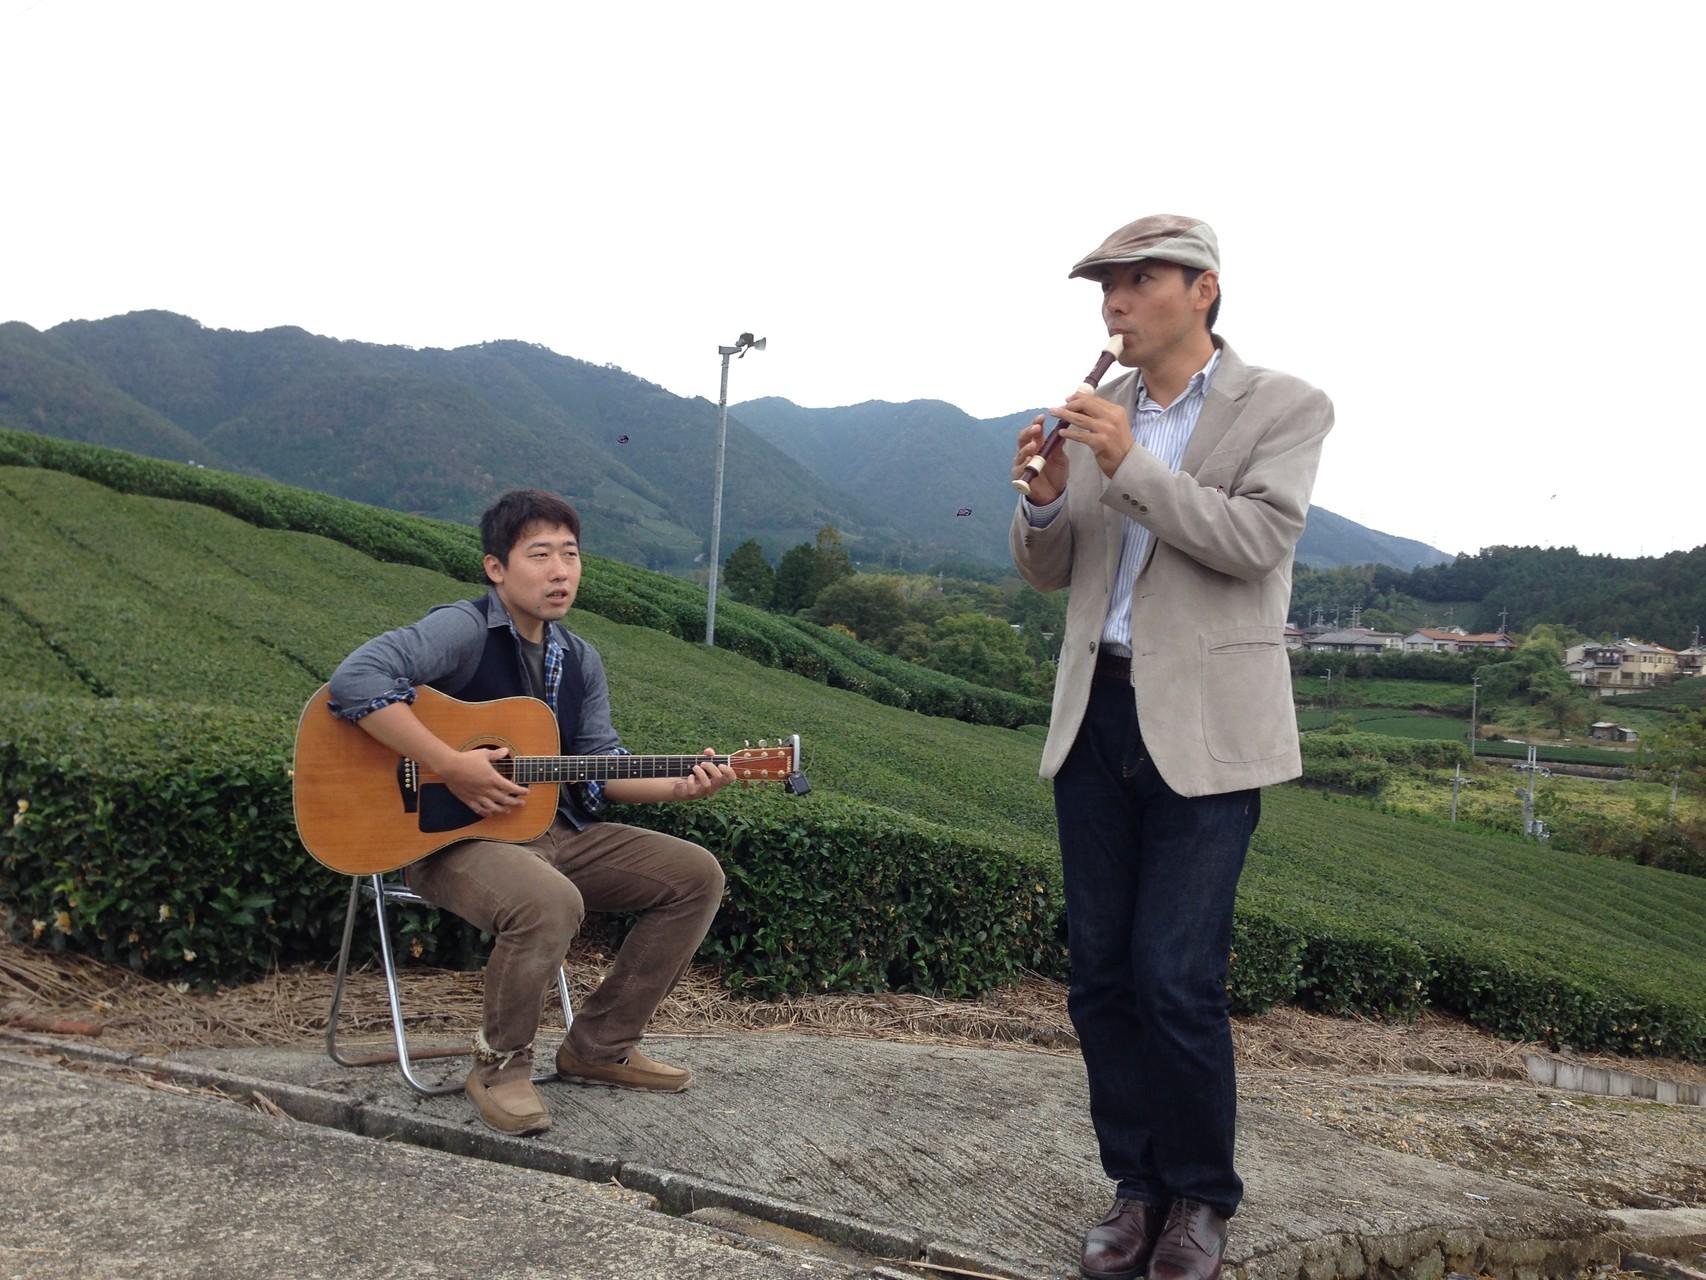 茶源郷まつり♪ なんとお茶畑で演奏する機会が!